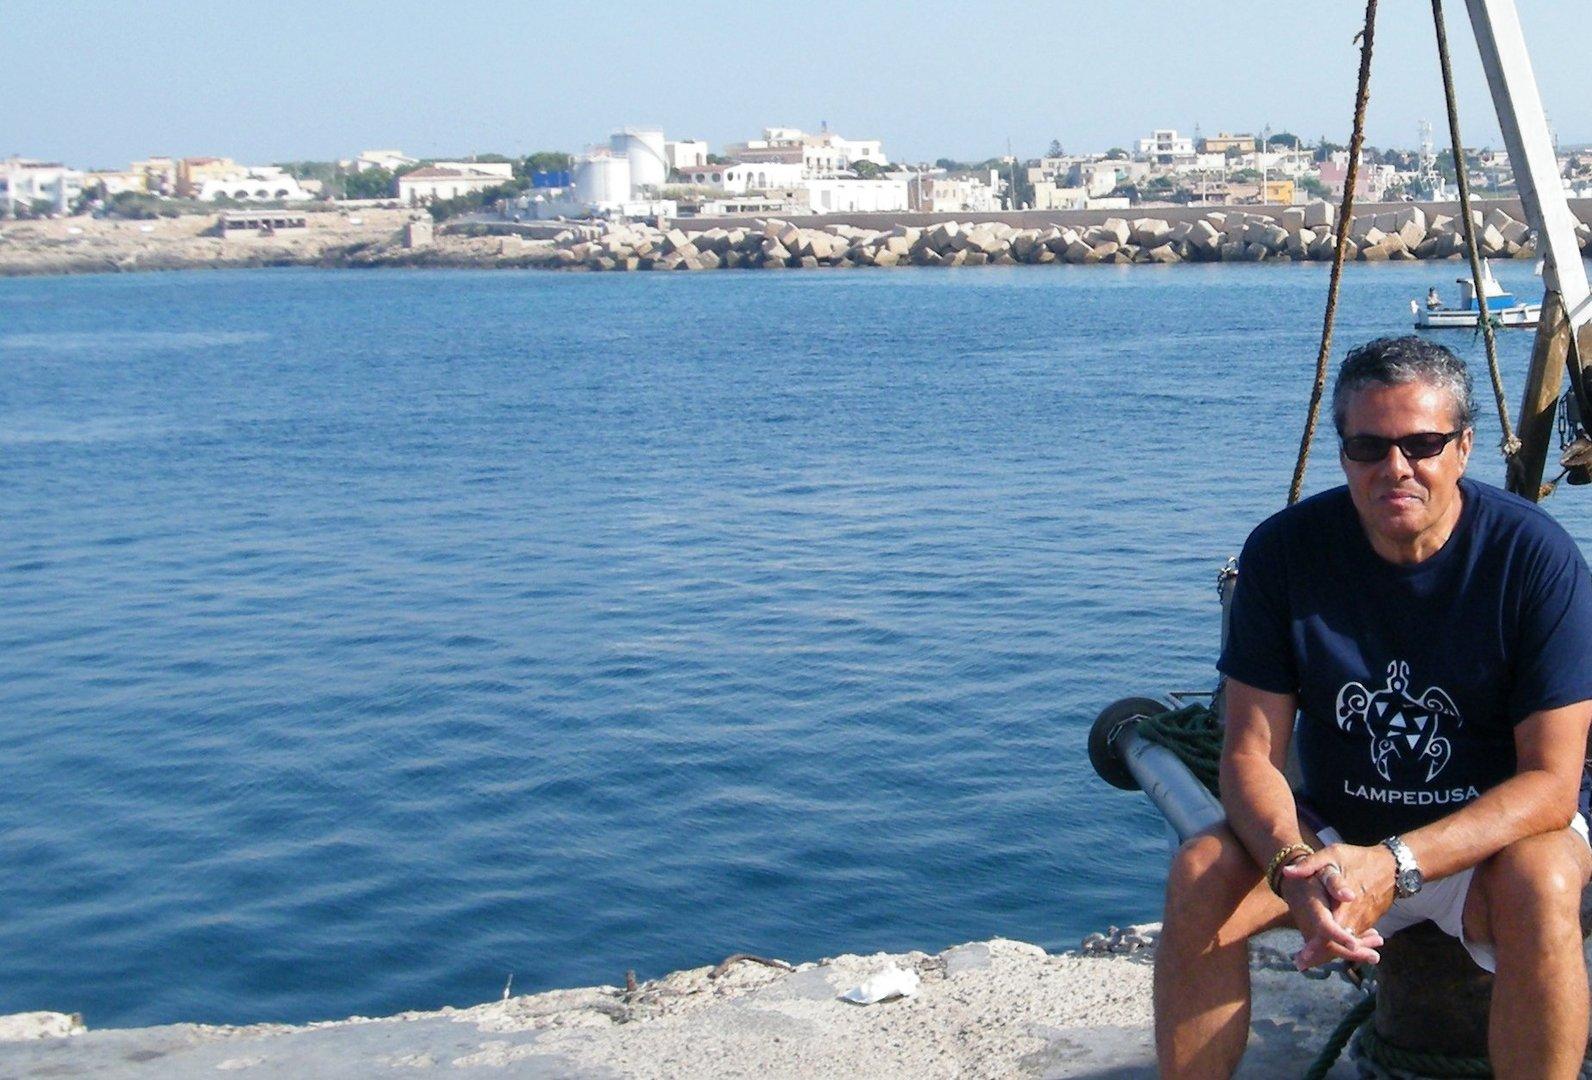 ....myself to Lampedusa Island